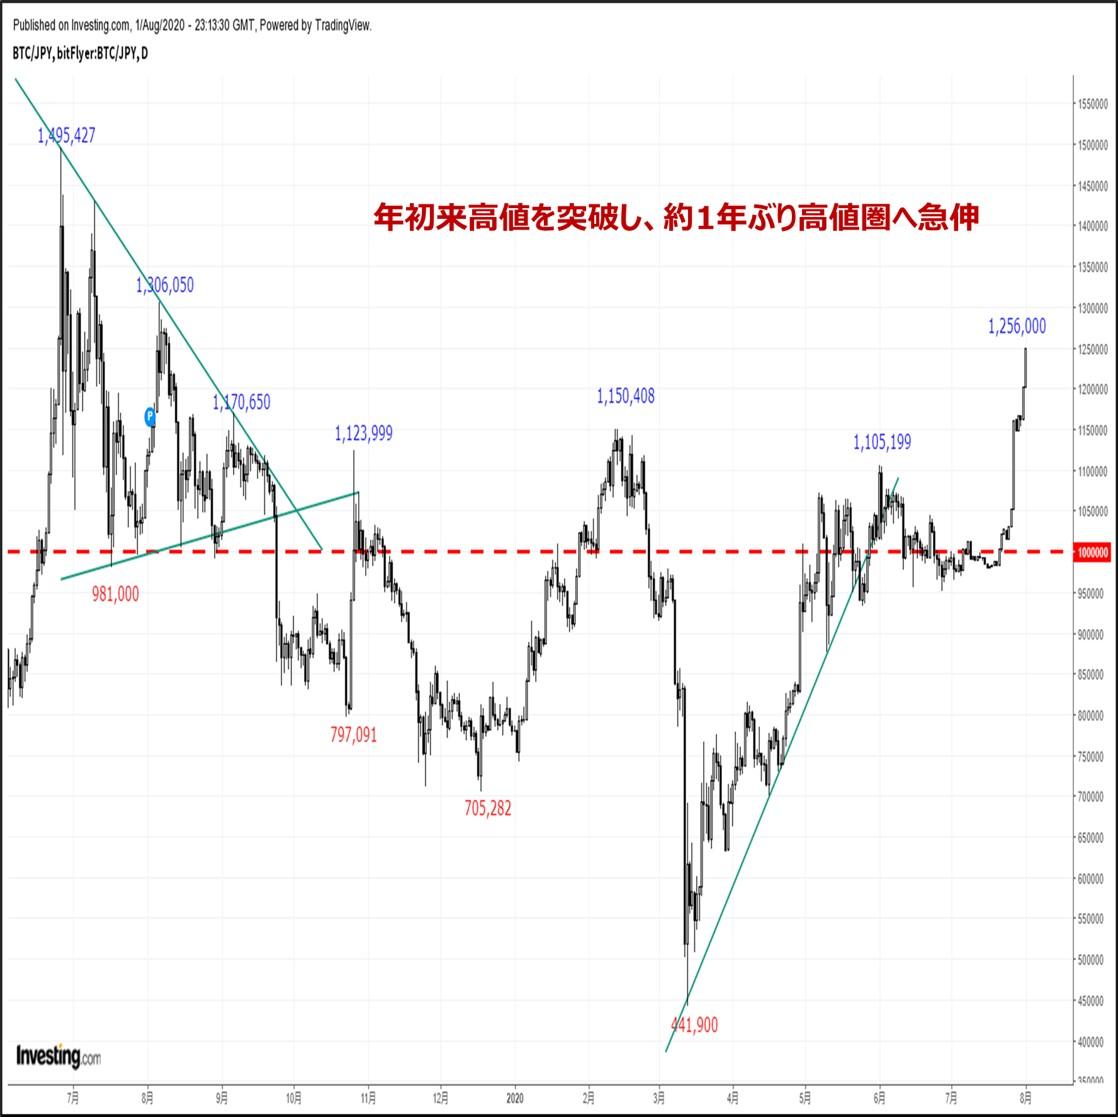 ビットコインの価格分析:『年初来高値を一気に突破し、約1年ぶり高値圏へ急上昇』(20/8/2)